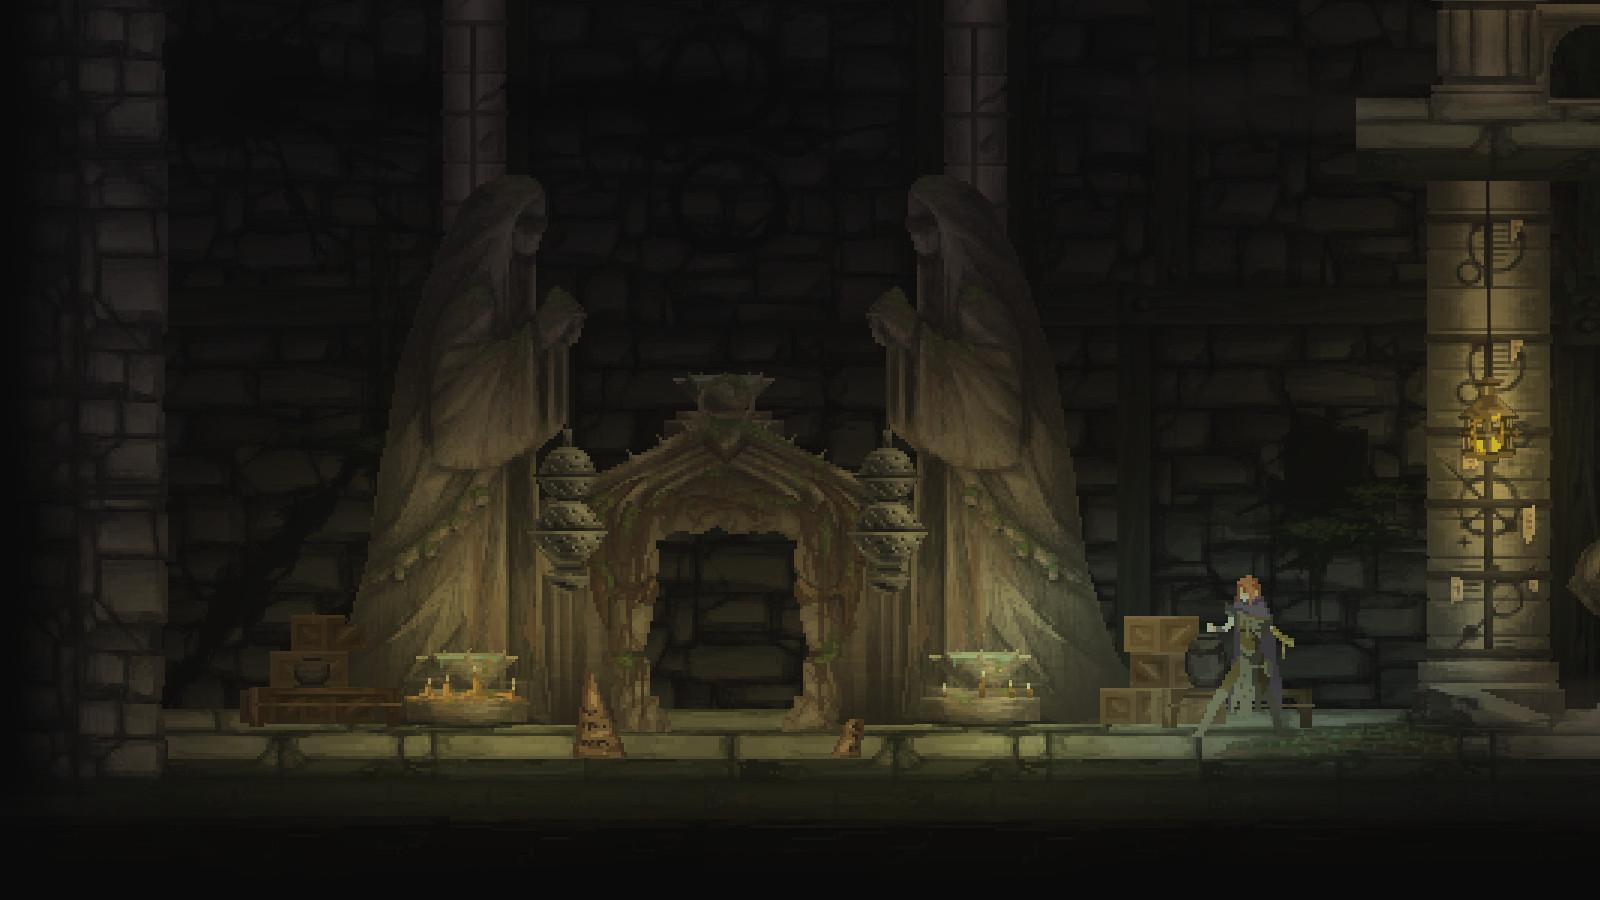 《黑暗献祭》将于10月24日登陆PS4和Switch